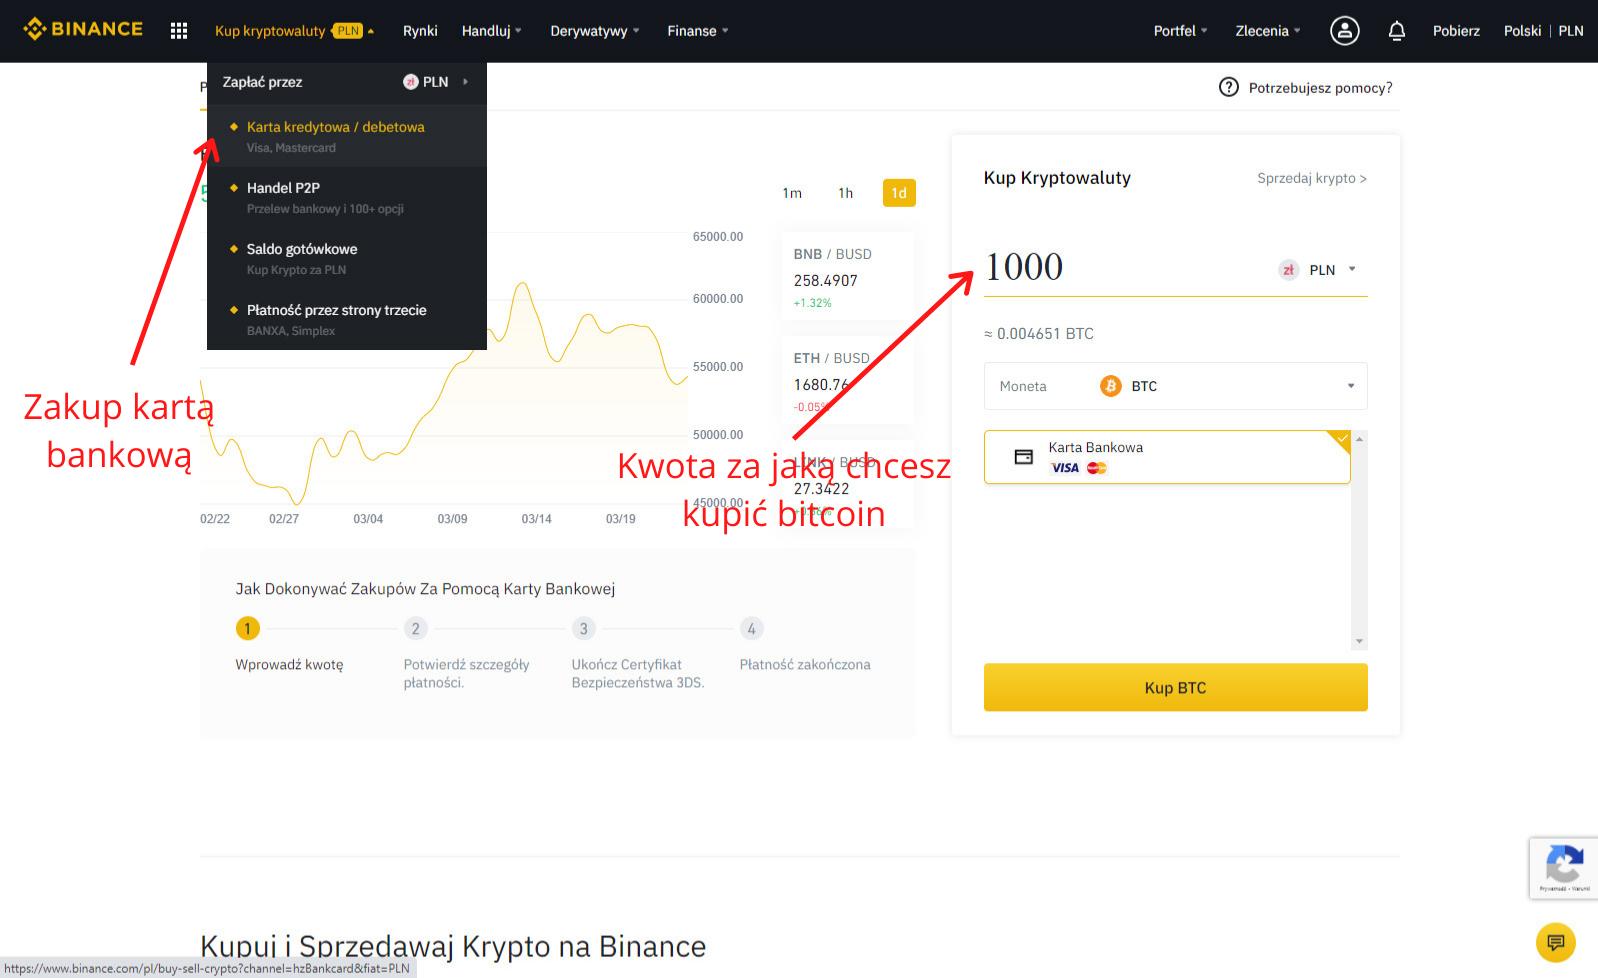 Instrukcja jak kupić bitcoin w Binance - krok 1